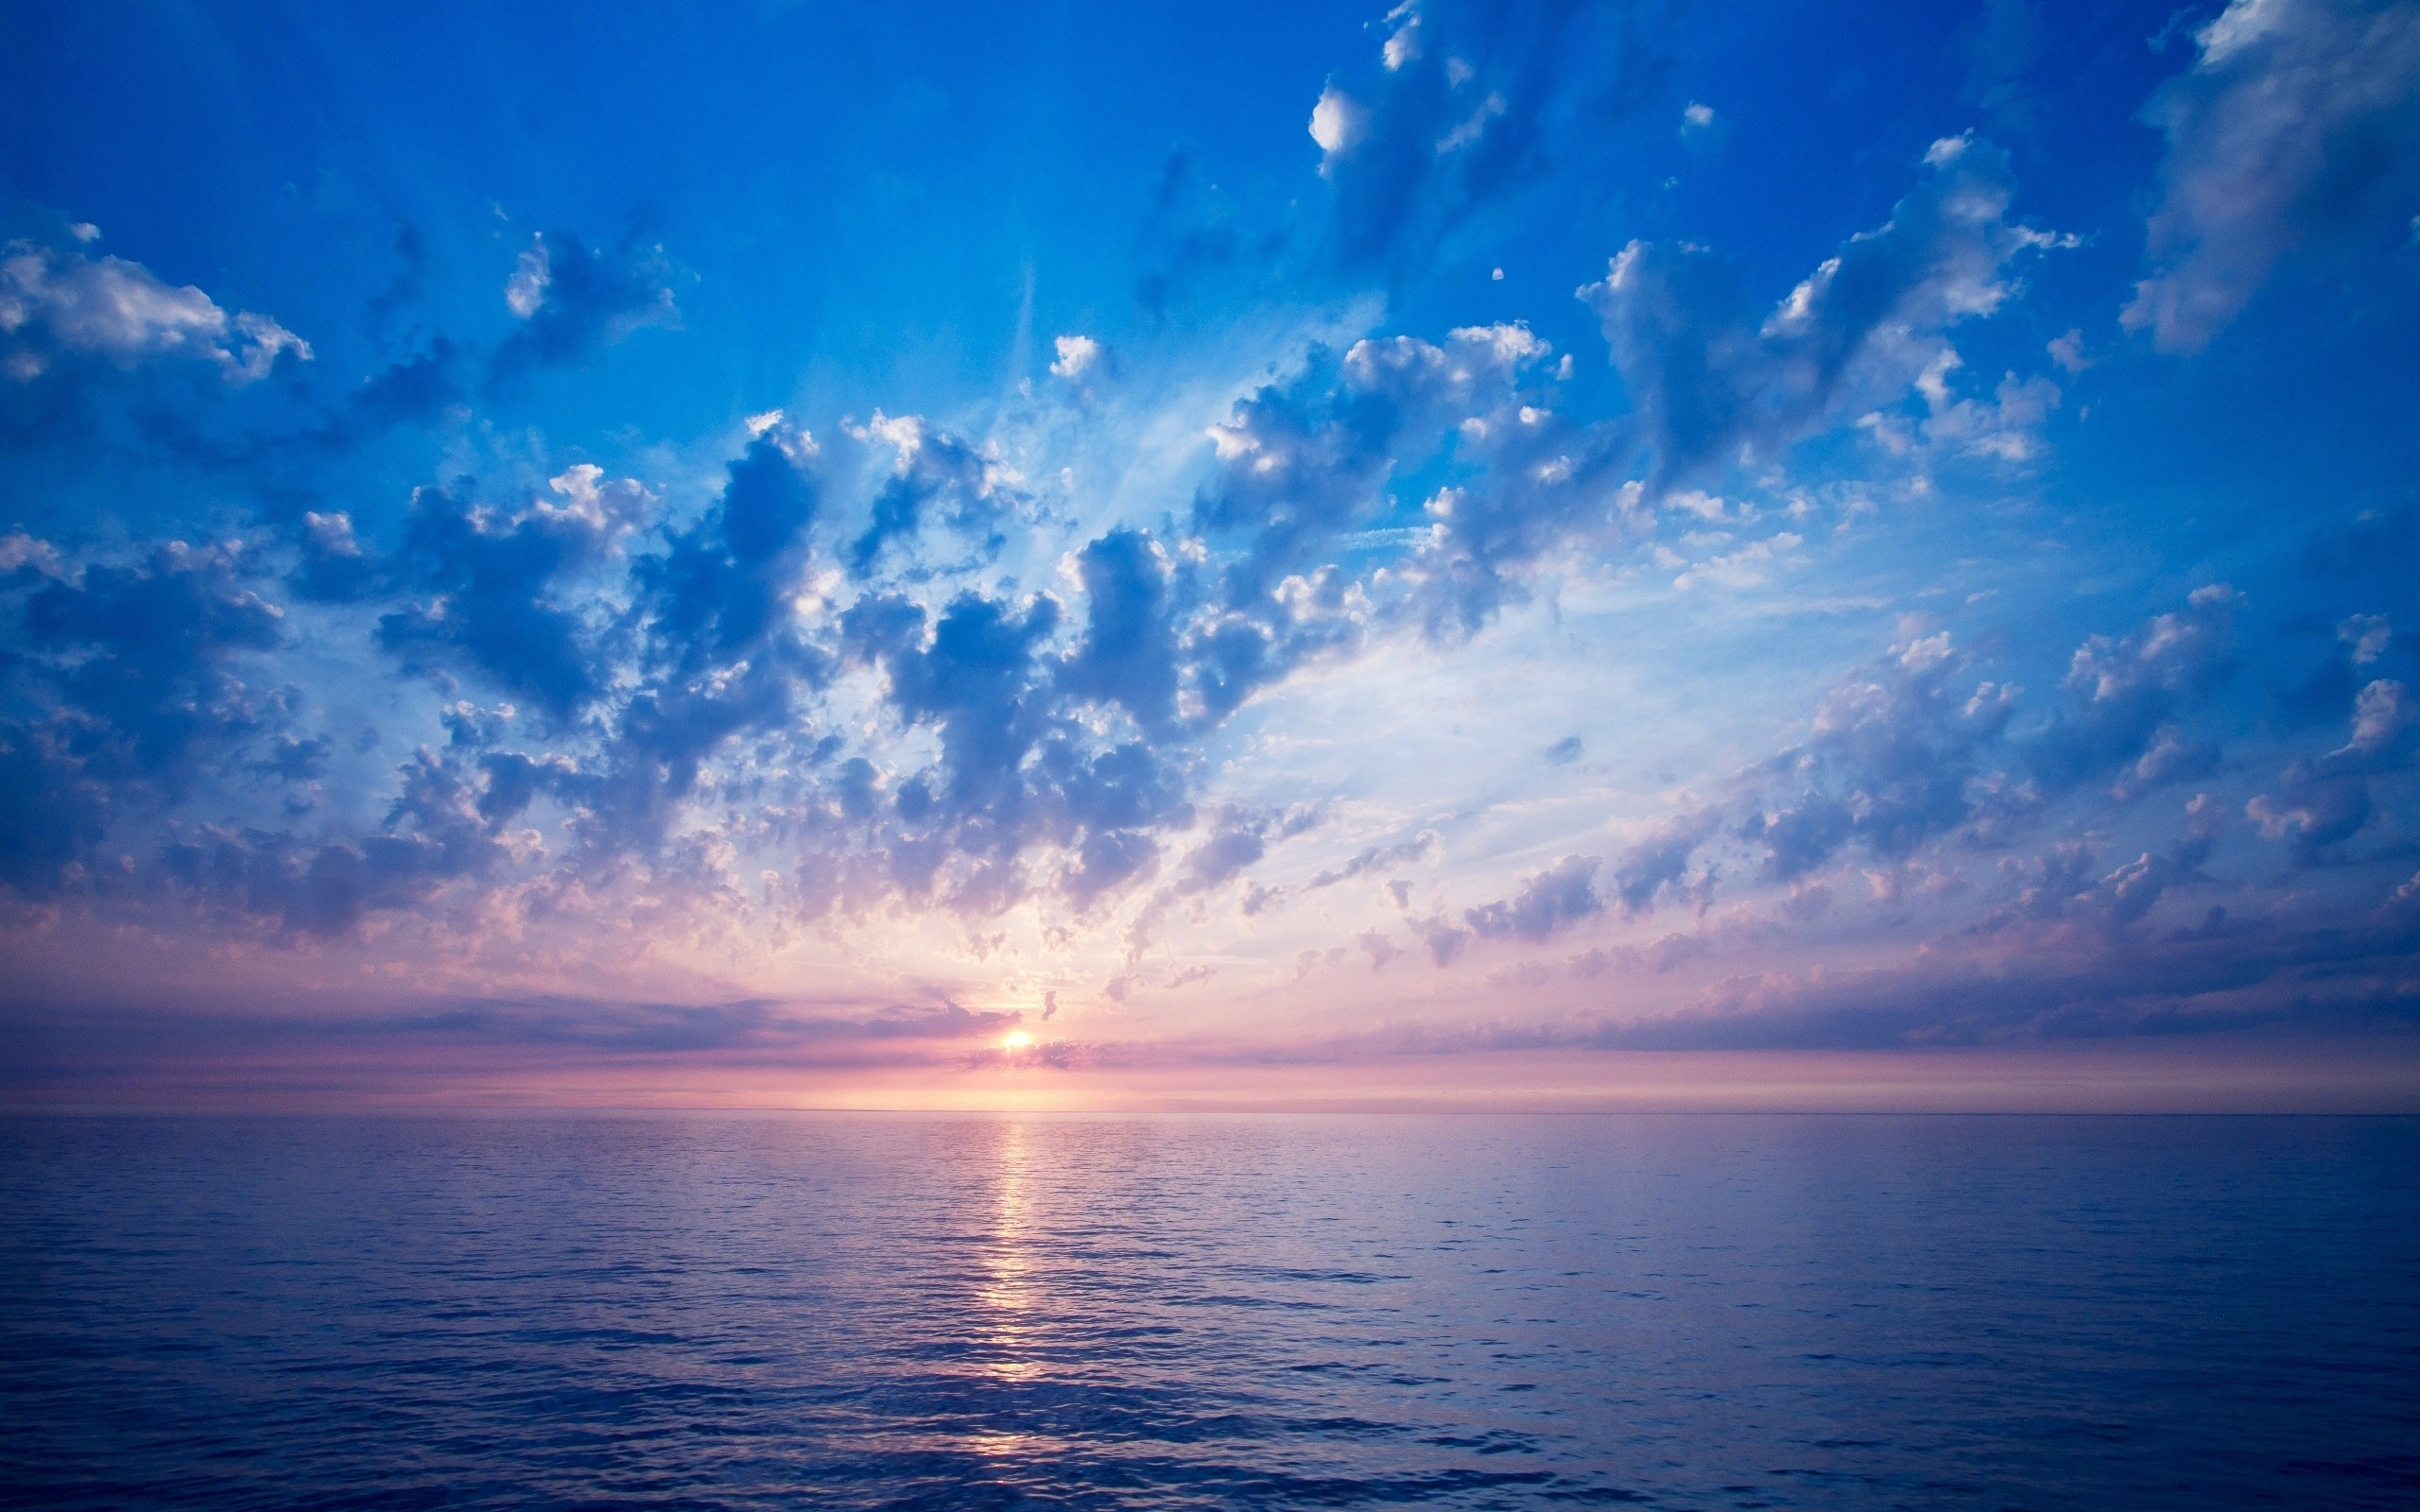 Puesta de sol en mar abierto - 2560x1600